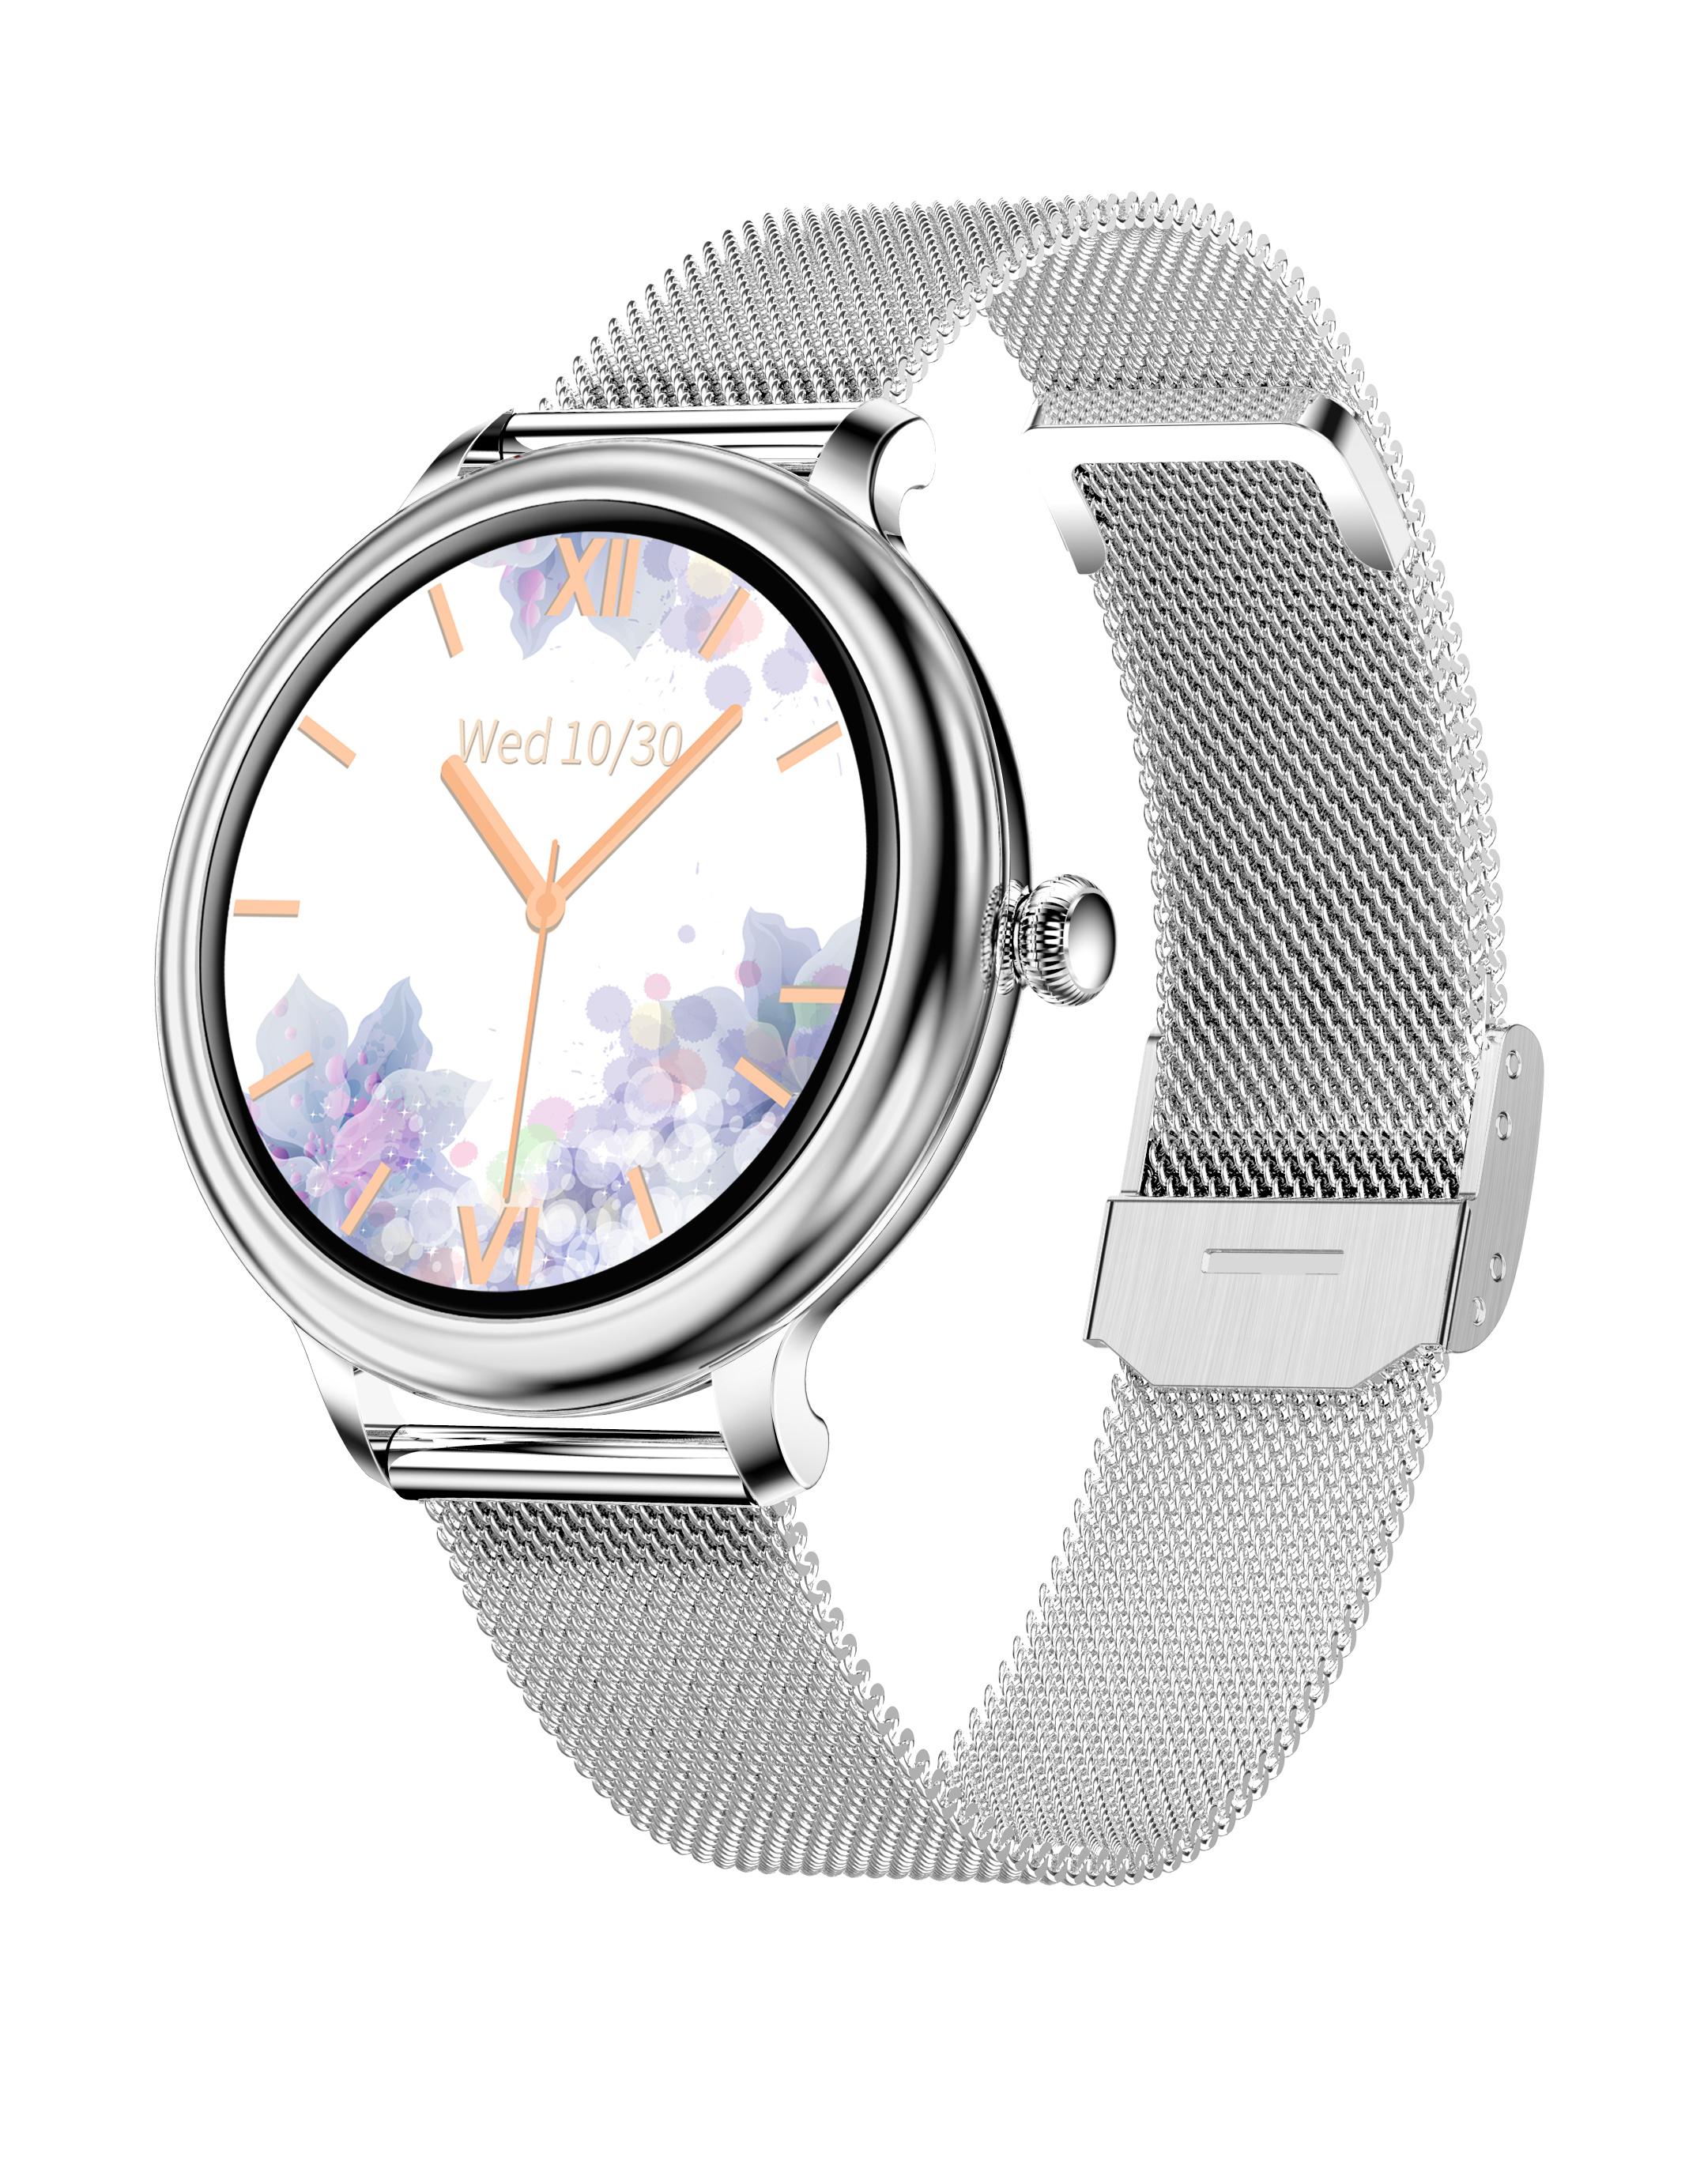 Ny13 Smart Watch Lady Heart Rate Blood Pressure Monitor Ip68 Waterproof 2.5d Lcd Screen Smartwatch Steel belt silver